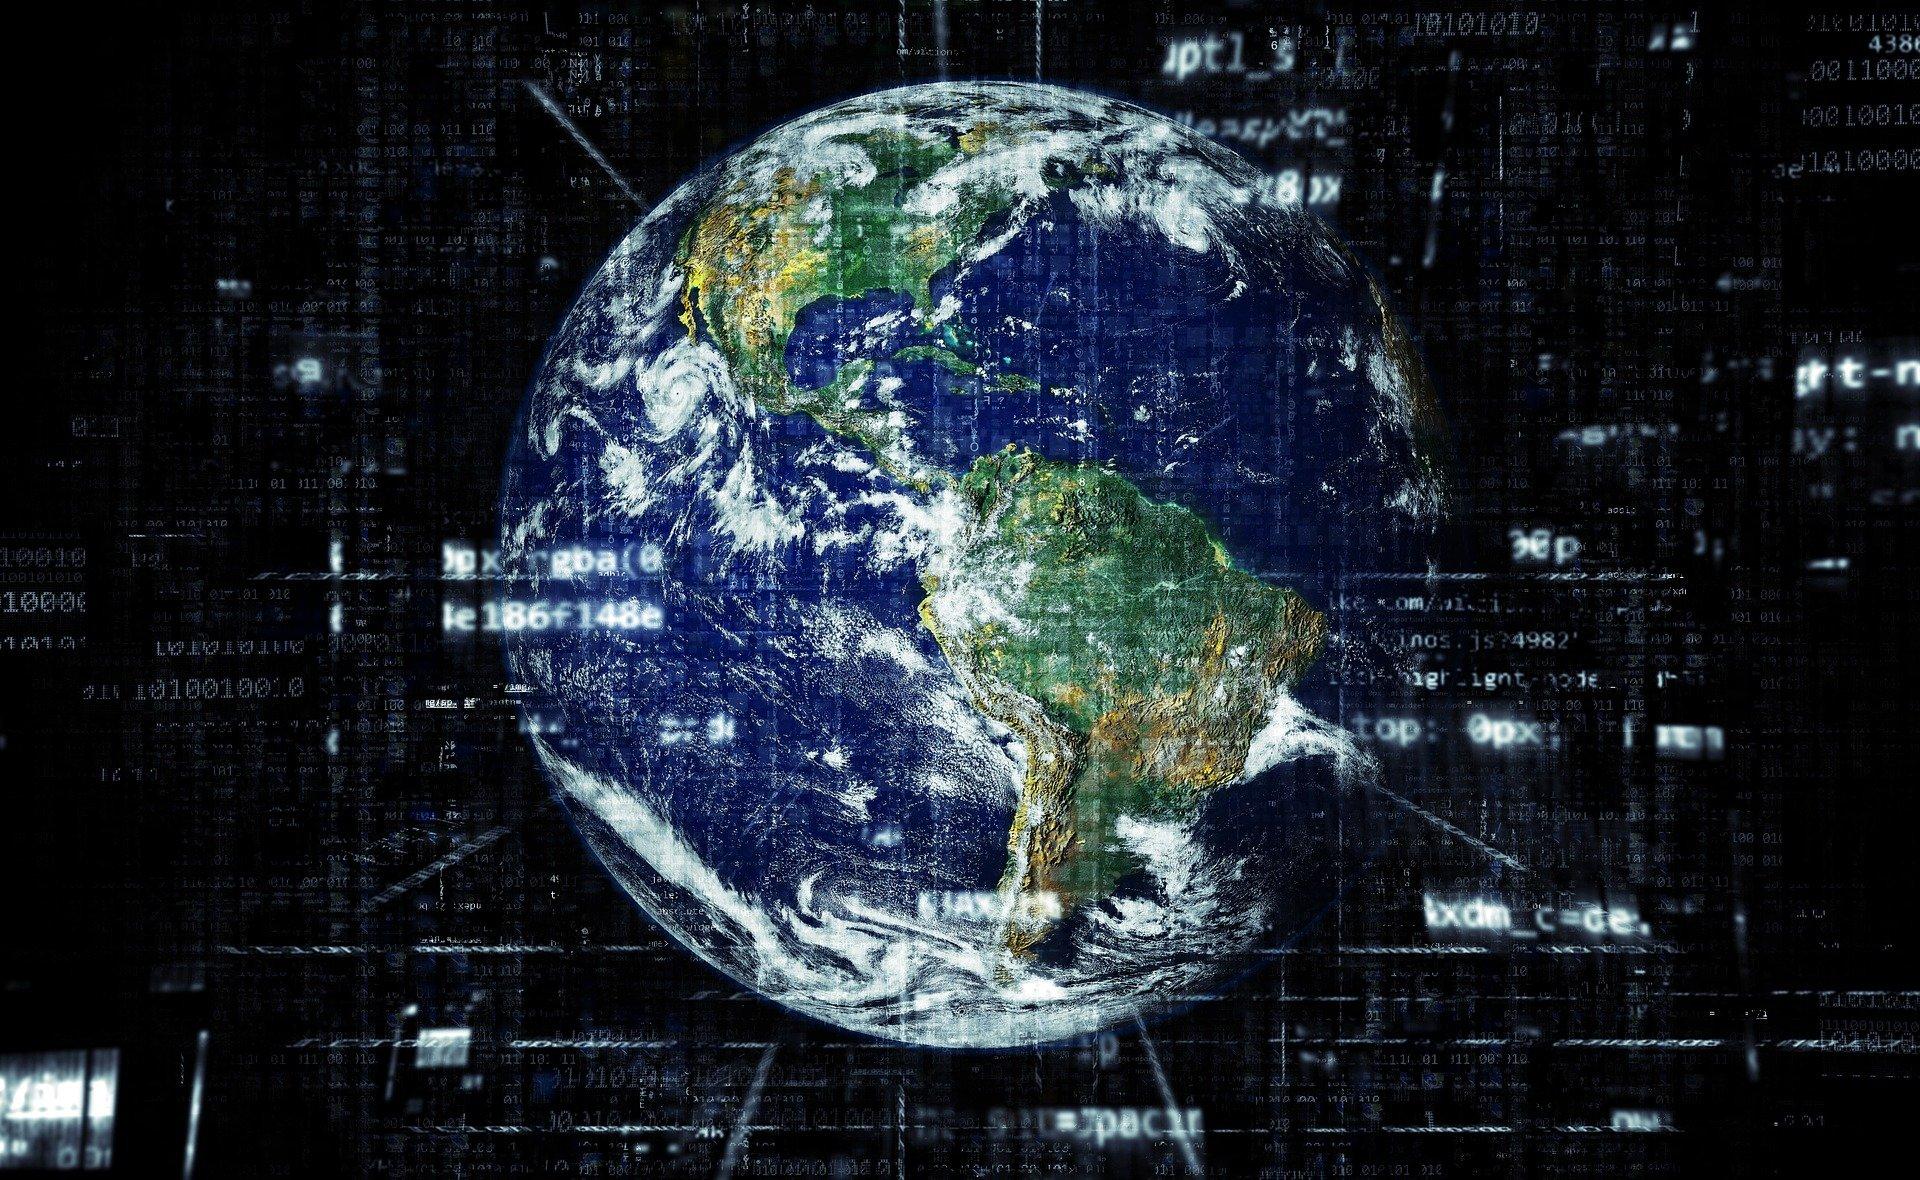 La terre est connectée à internet, intérêt de la mort numérique